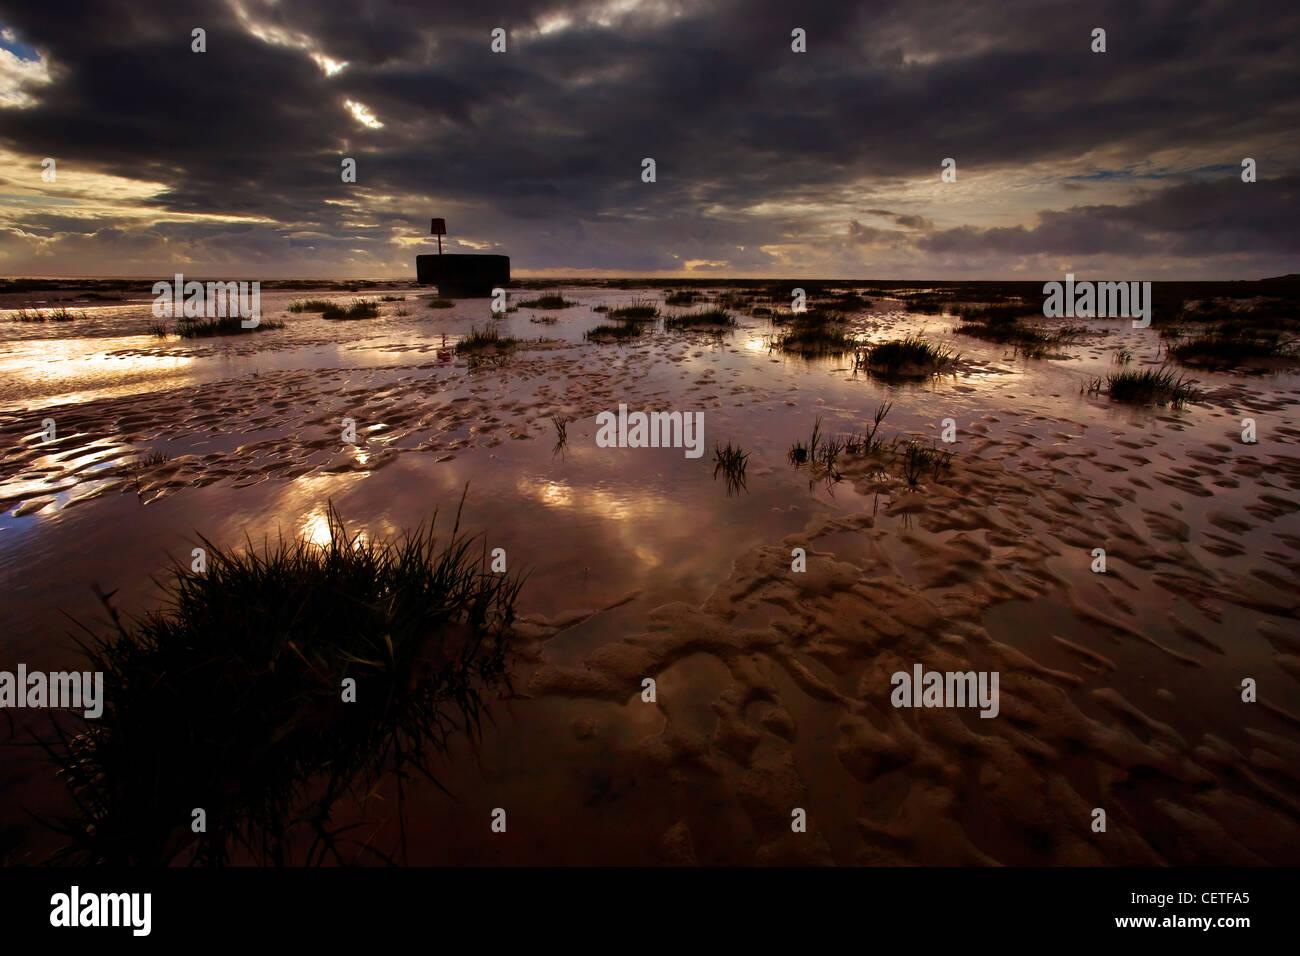 Dark skies over a tide groyne at low tide in Fleetwood. - Stock Image